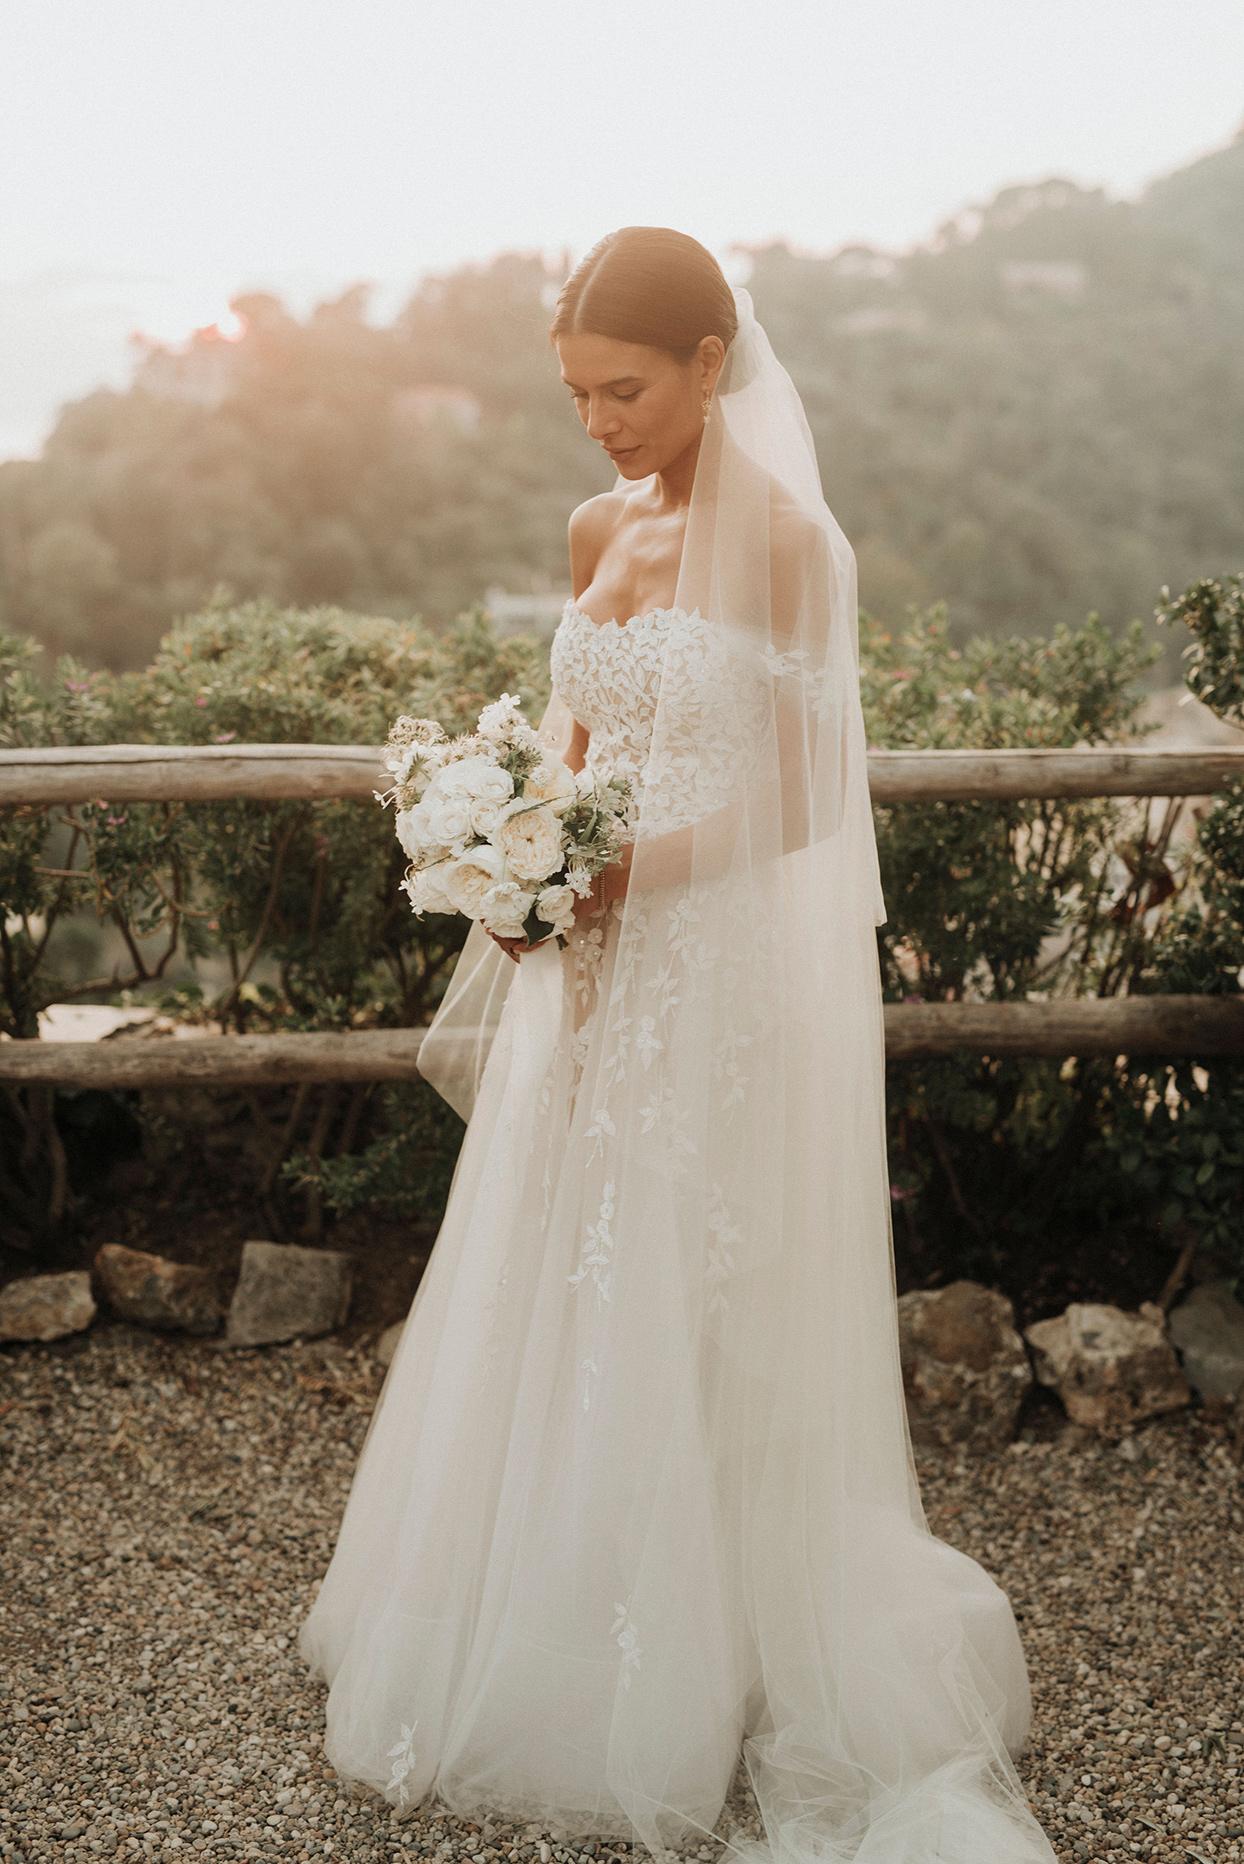 jaclyn antonio wedding bride in elegant lace and tool dress